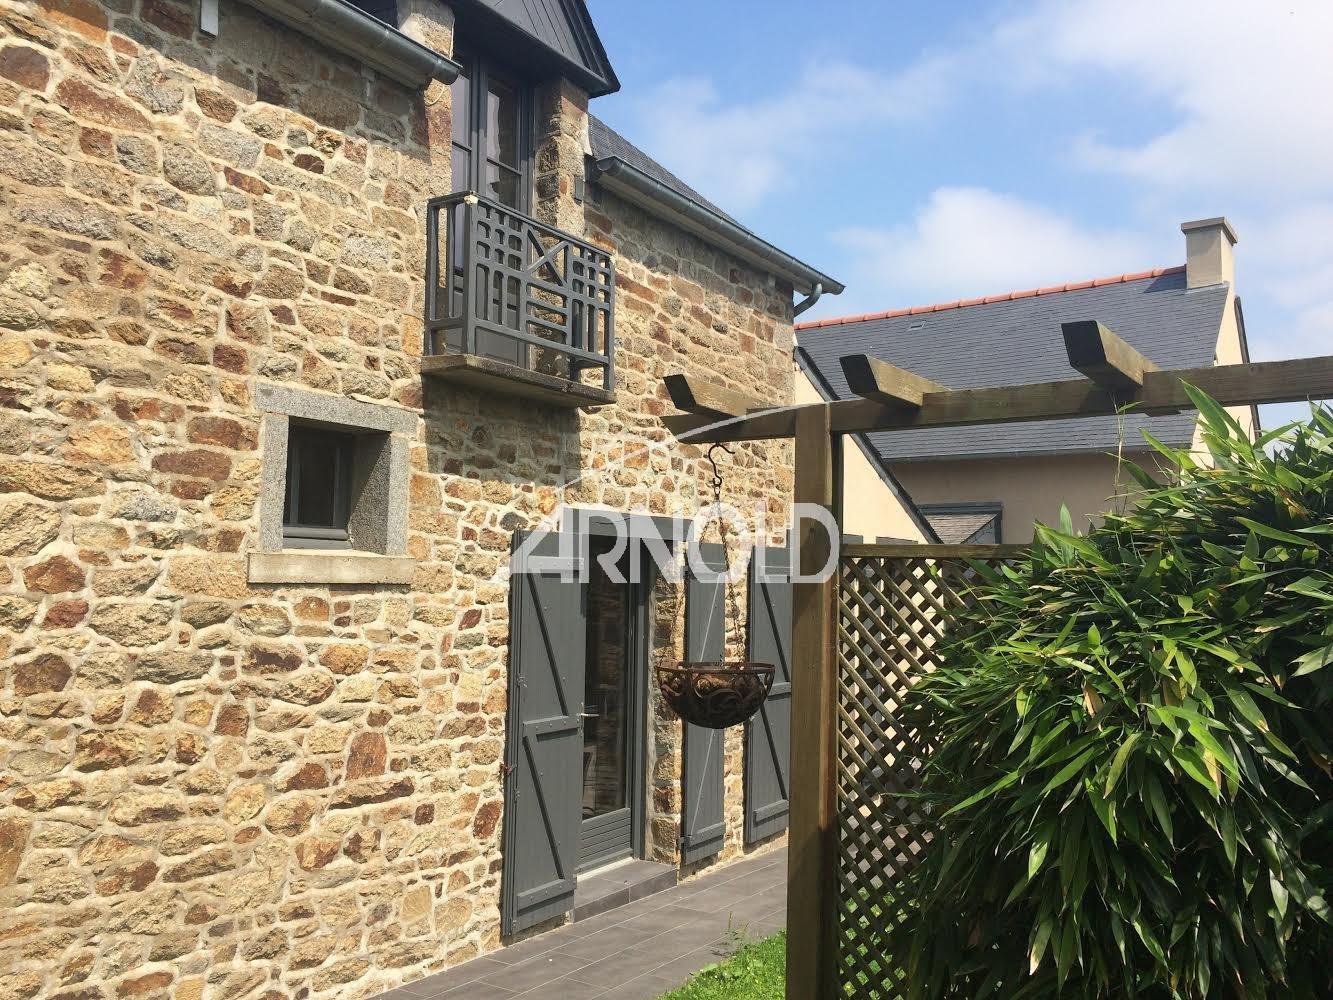 VENDUE PAR L'AGENCE - A 12 kms de Saint-Malo à vendre maison de village en centre bourg 4 chambres